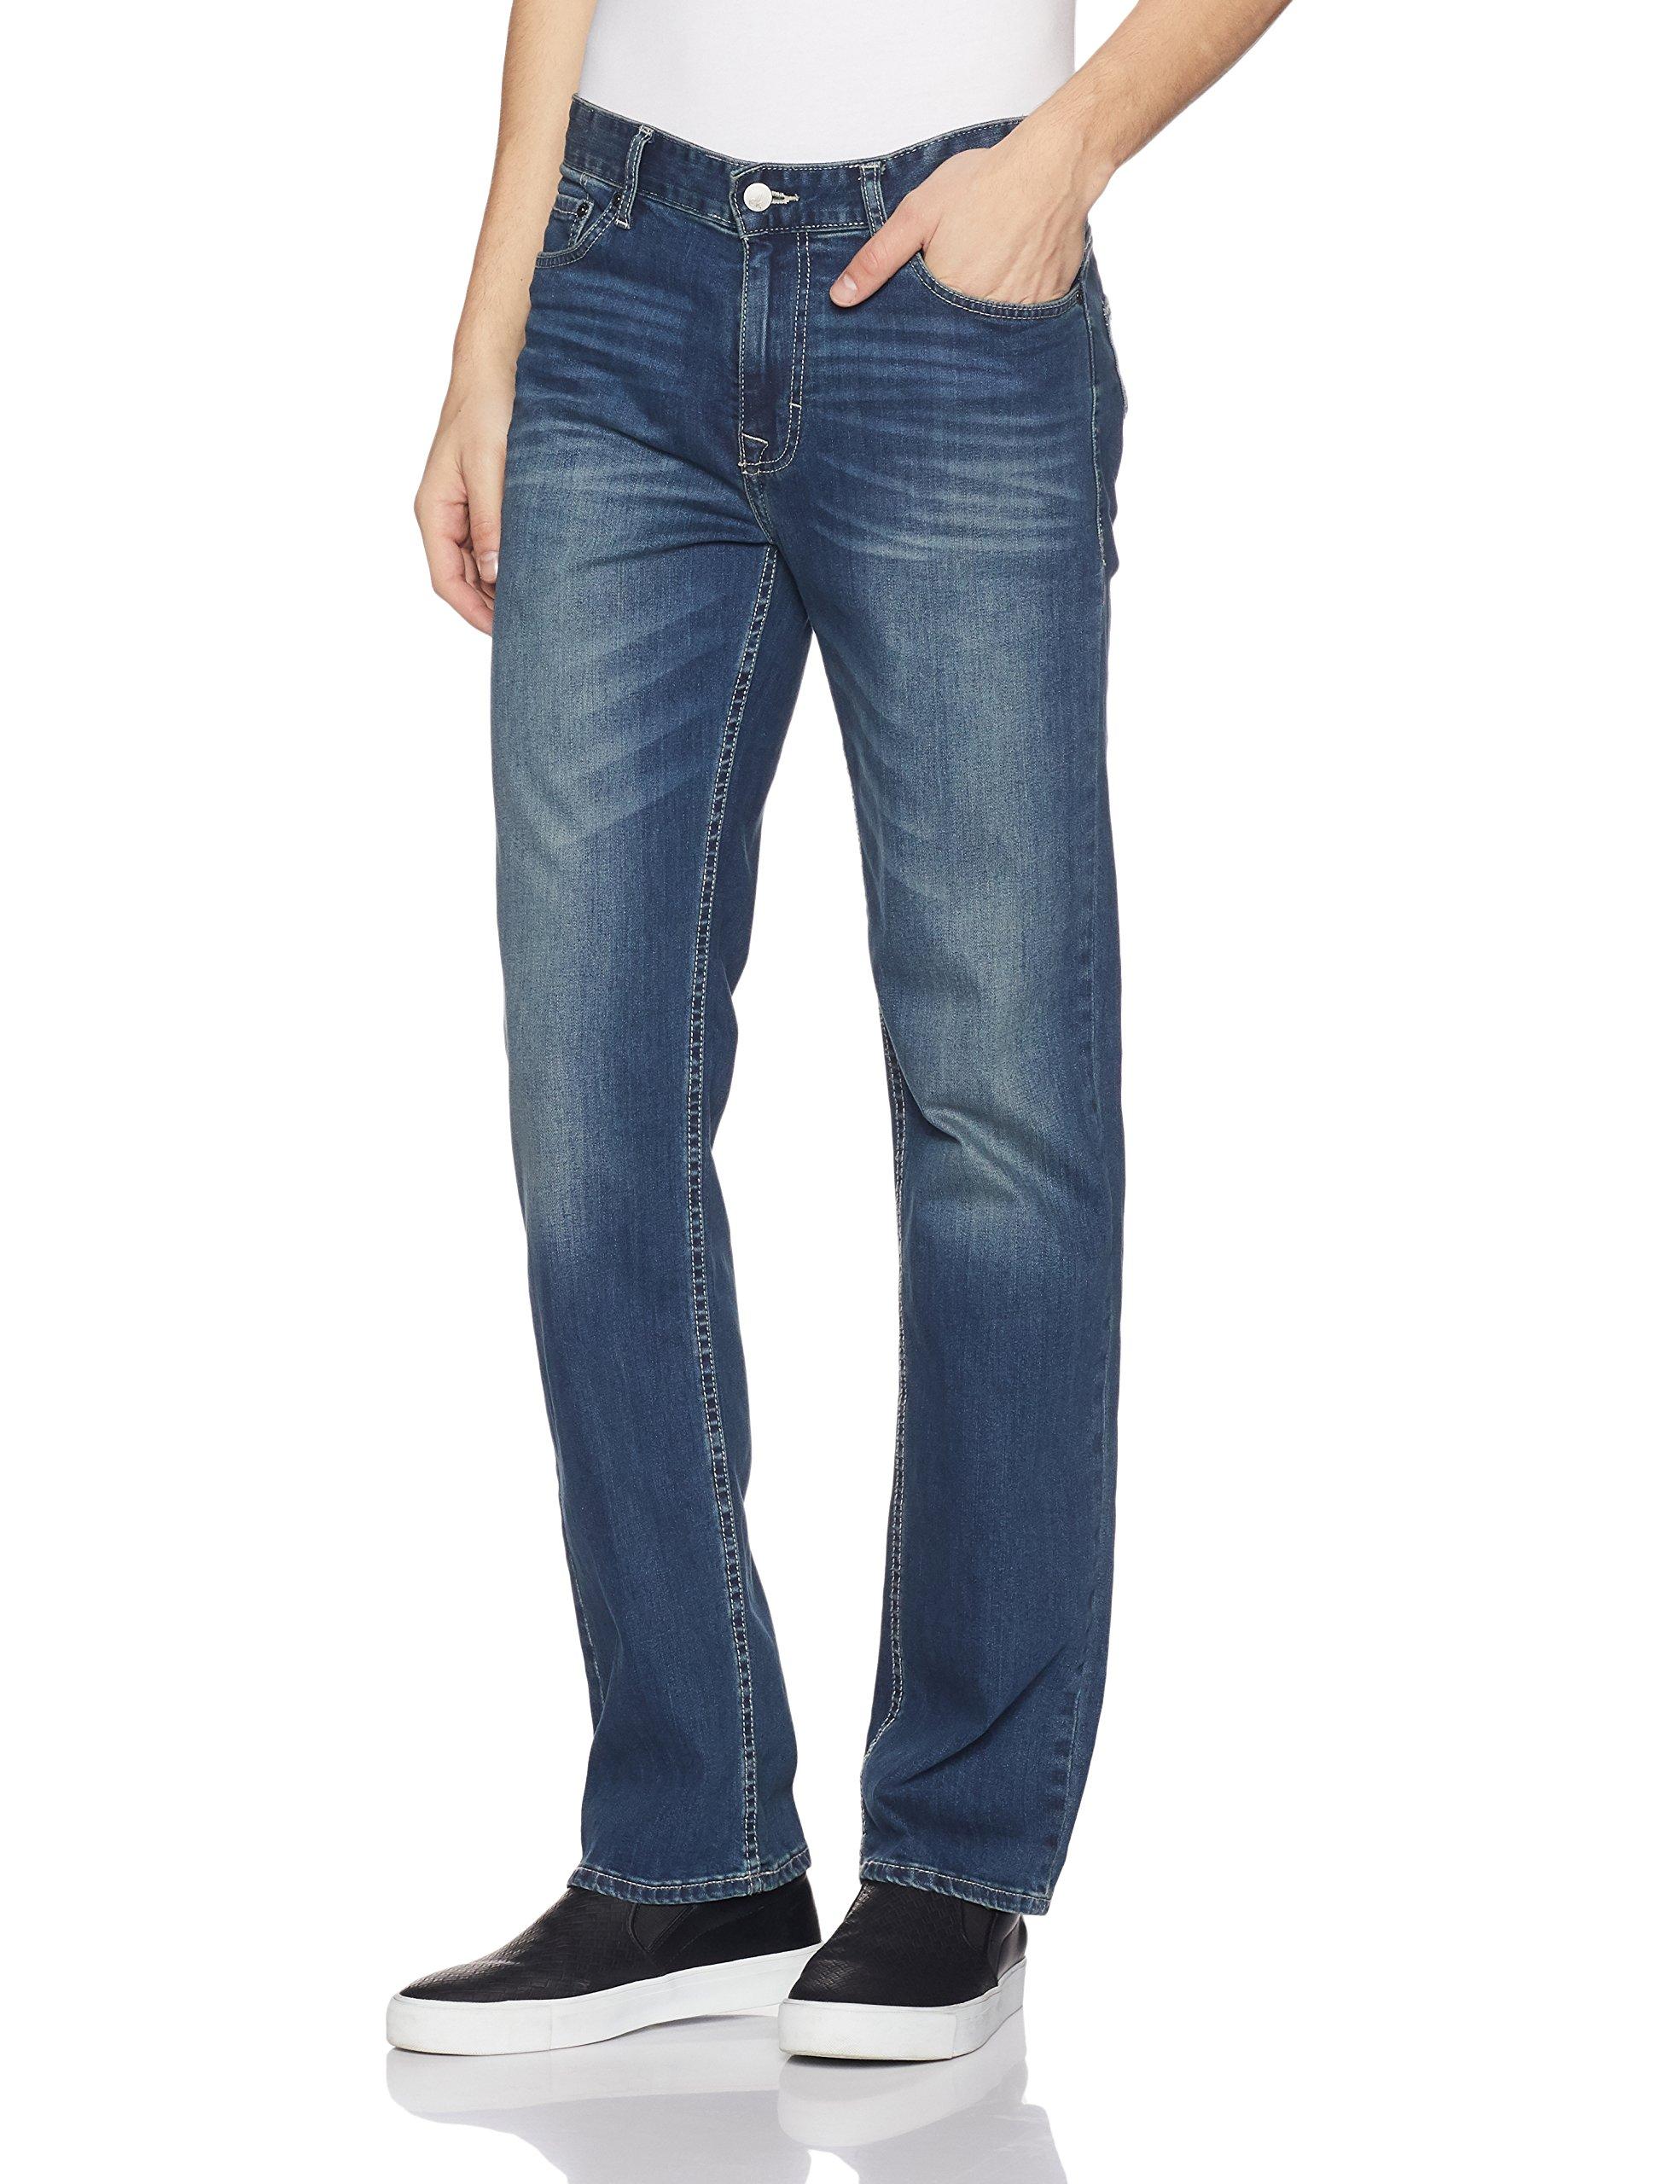 Calvin Klein Jeans Men's Straight Leg Jean In Authentic Blue, Authentic Blue, 32x32